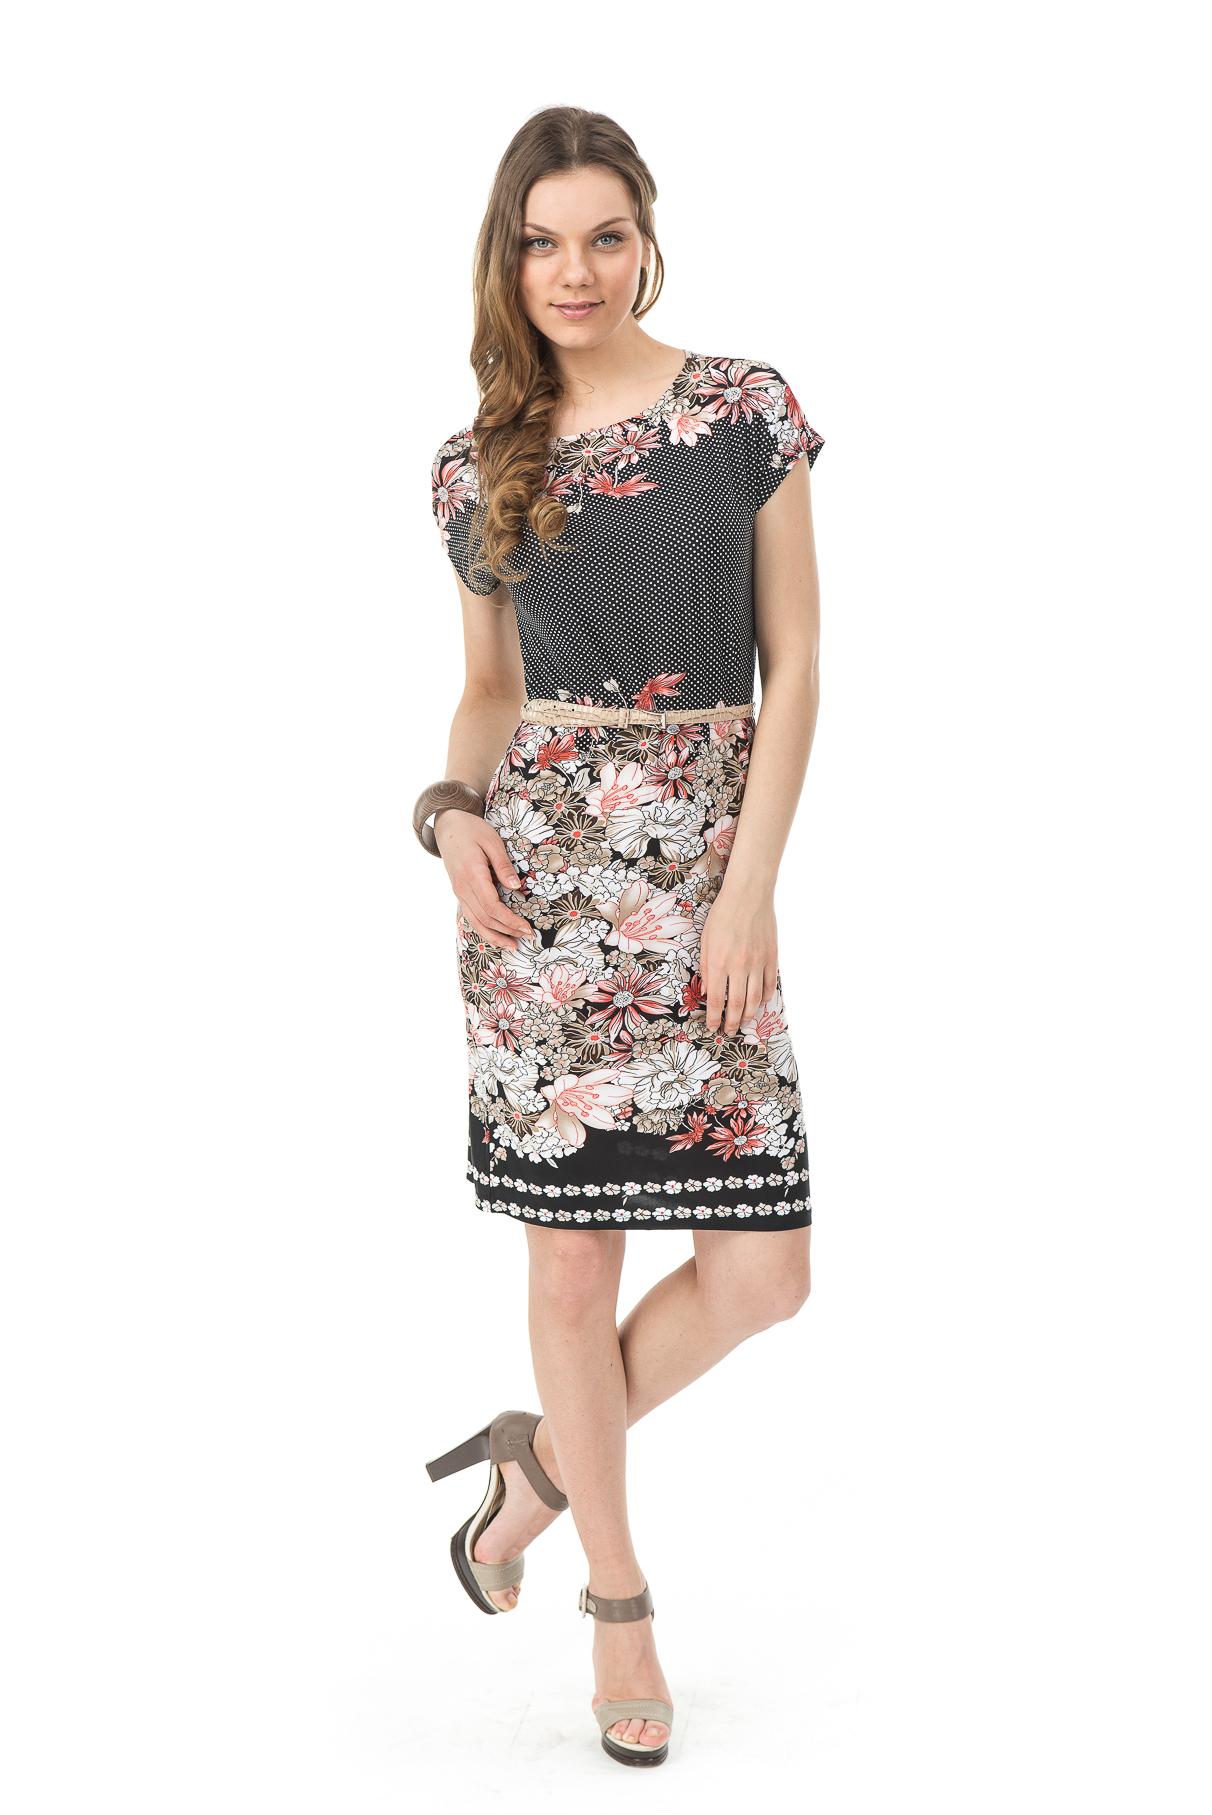 Олмис Женская Одежда Официальный Сайт Доставка